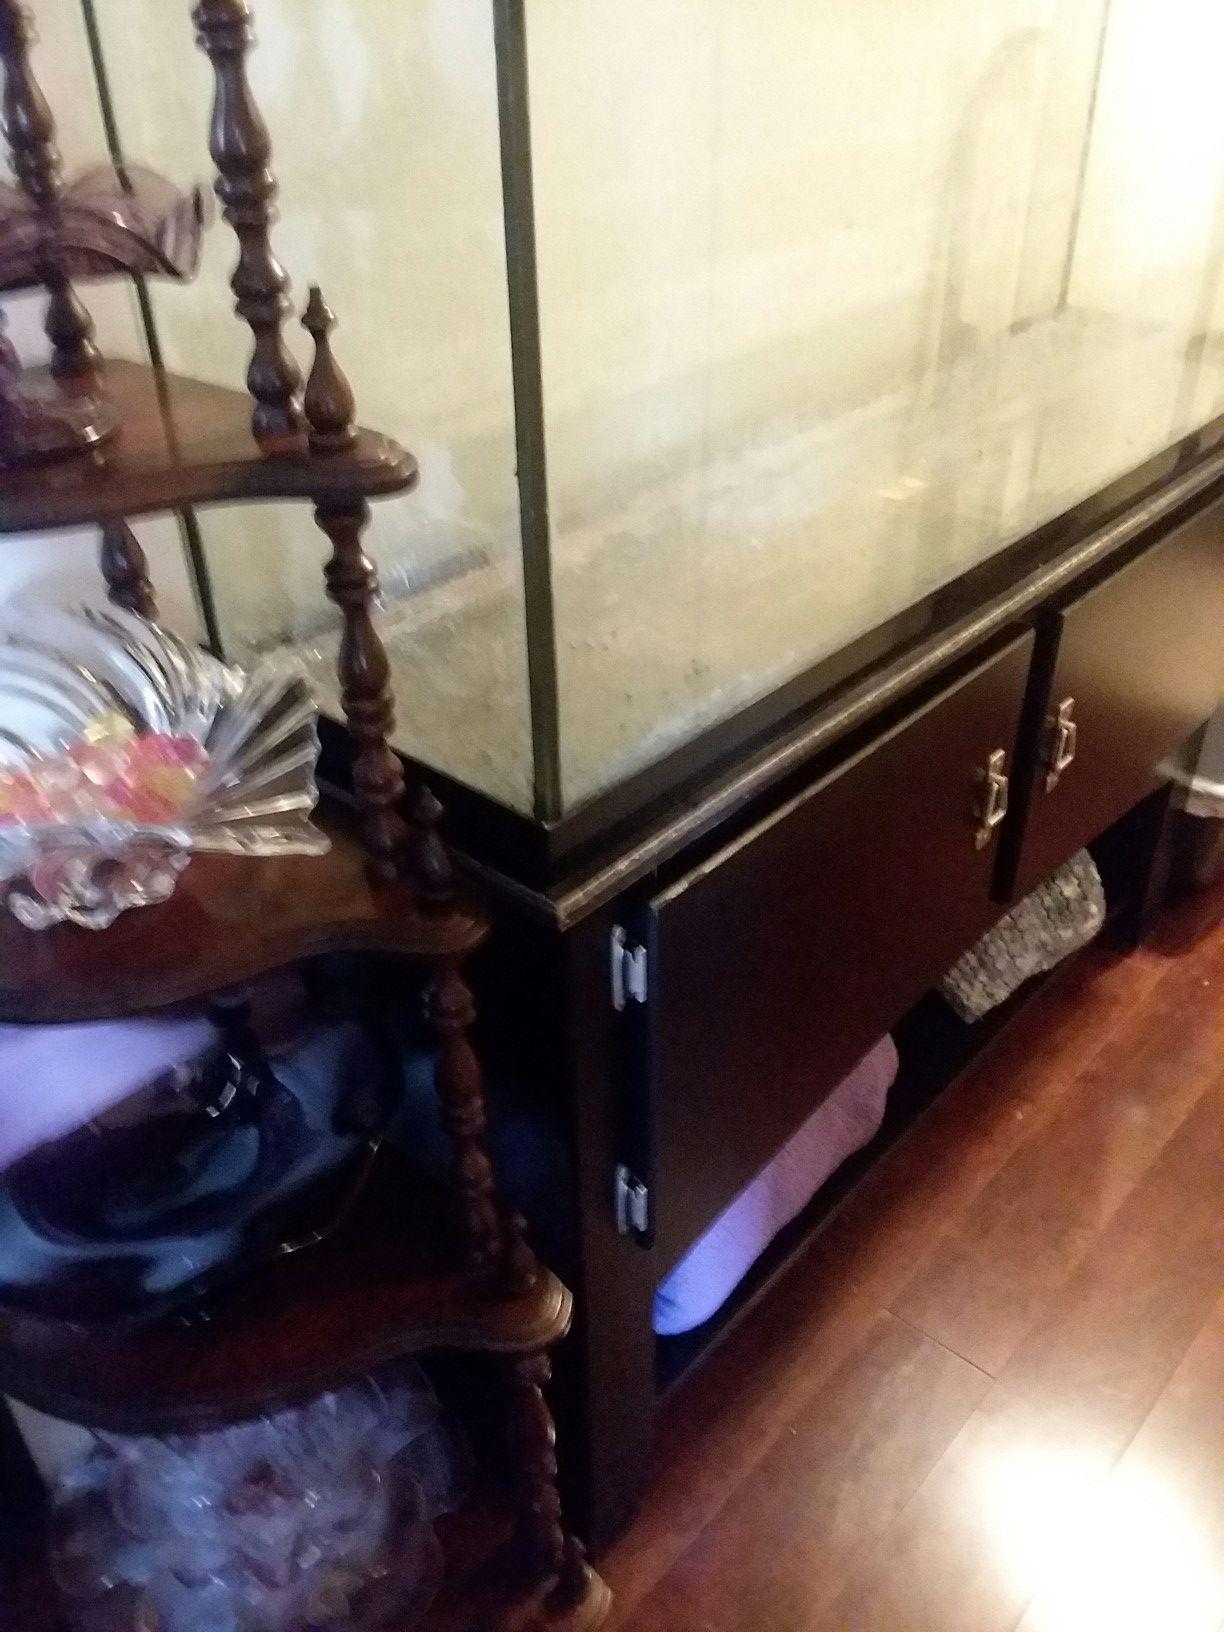 70 Gallon Aquarium and Cabinet Stand